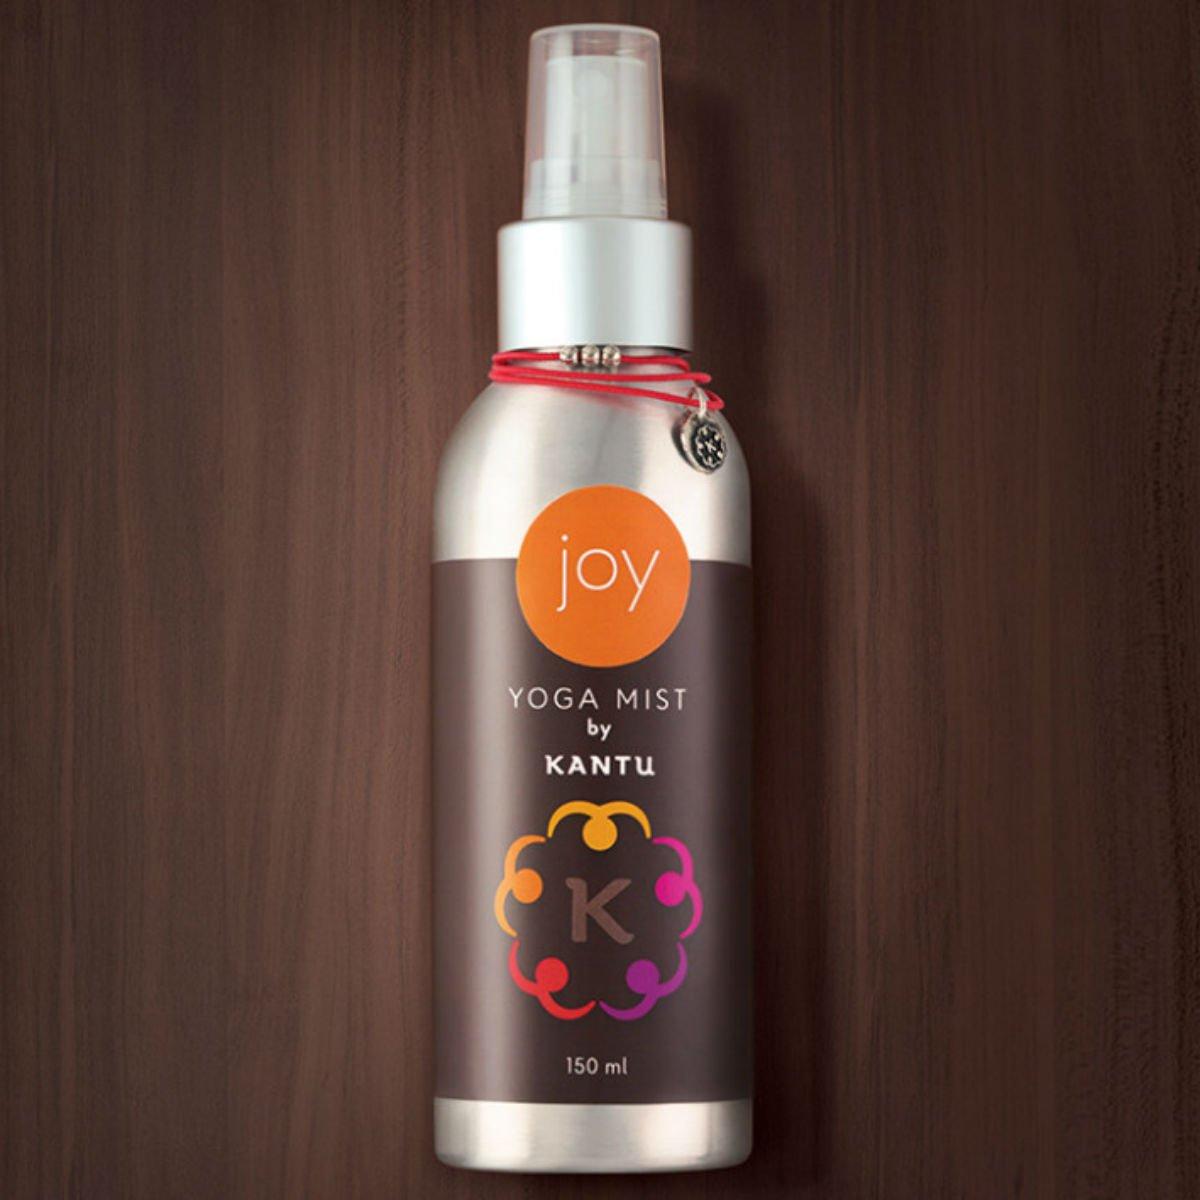 Sprej na podložku na jógu Kantu - Joy